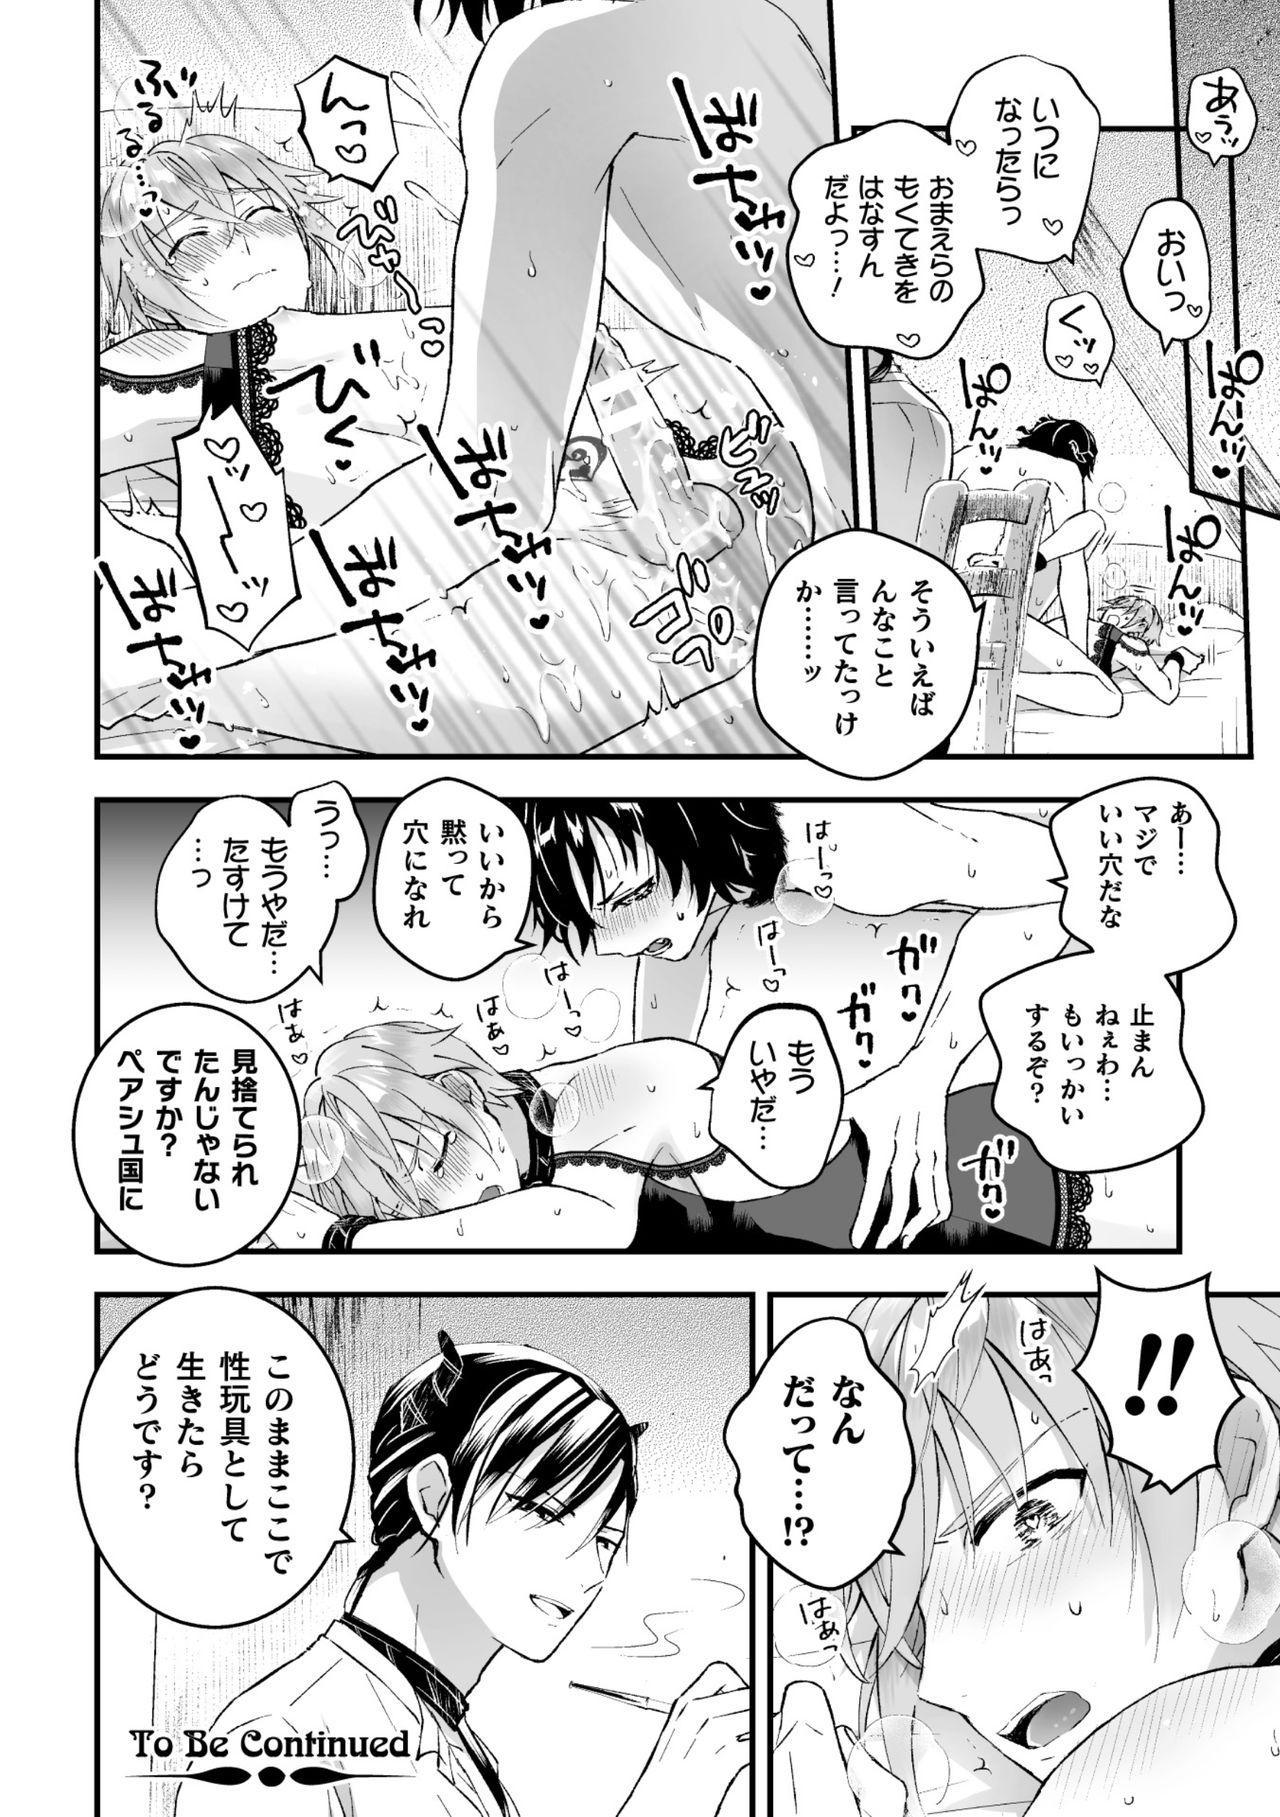 """Otoko Kishi ga """"Ku, Korose!"""" tte Iu kara Mesu Choukyou Shitemita Ch. 3 25"""